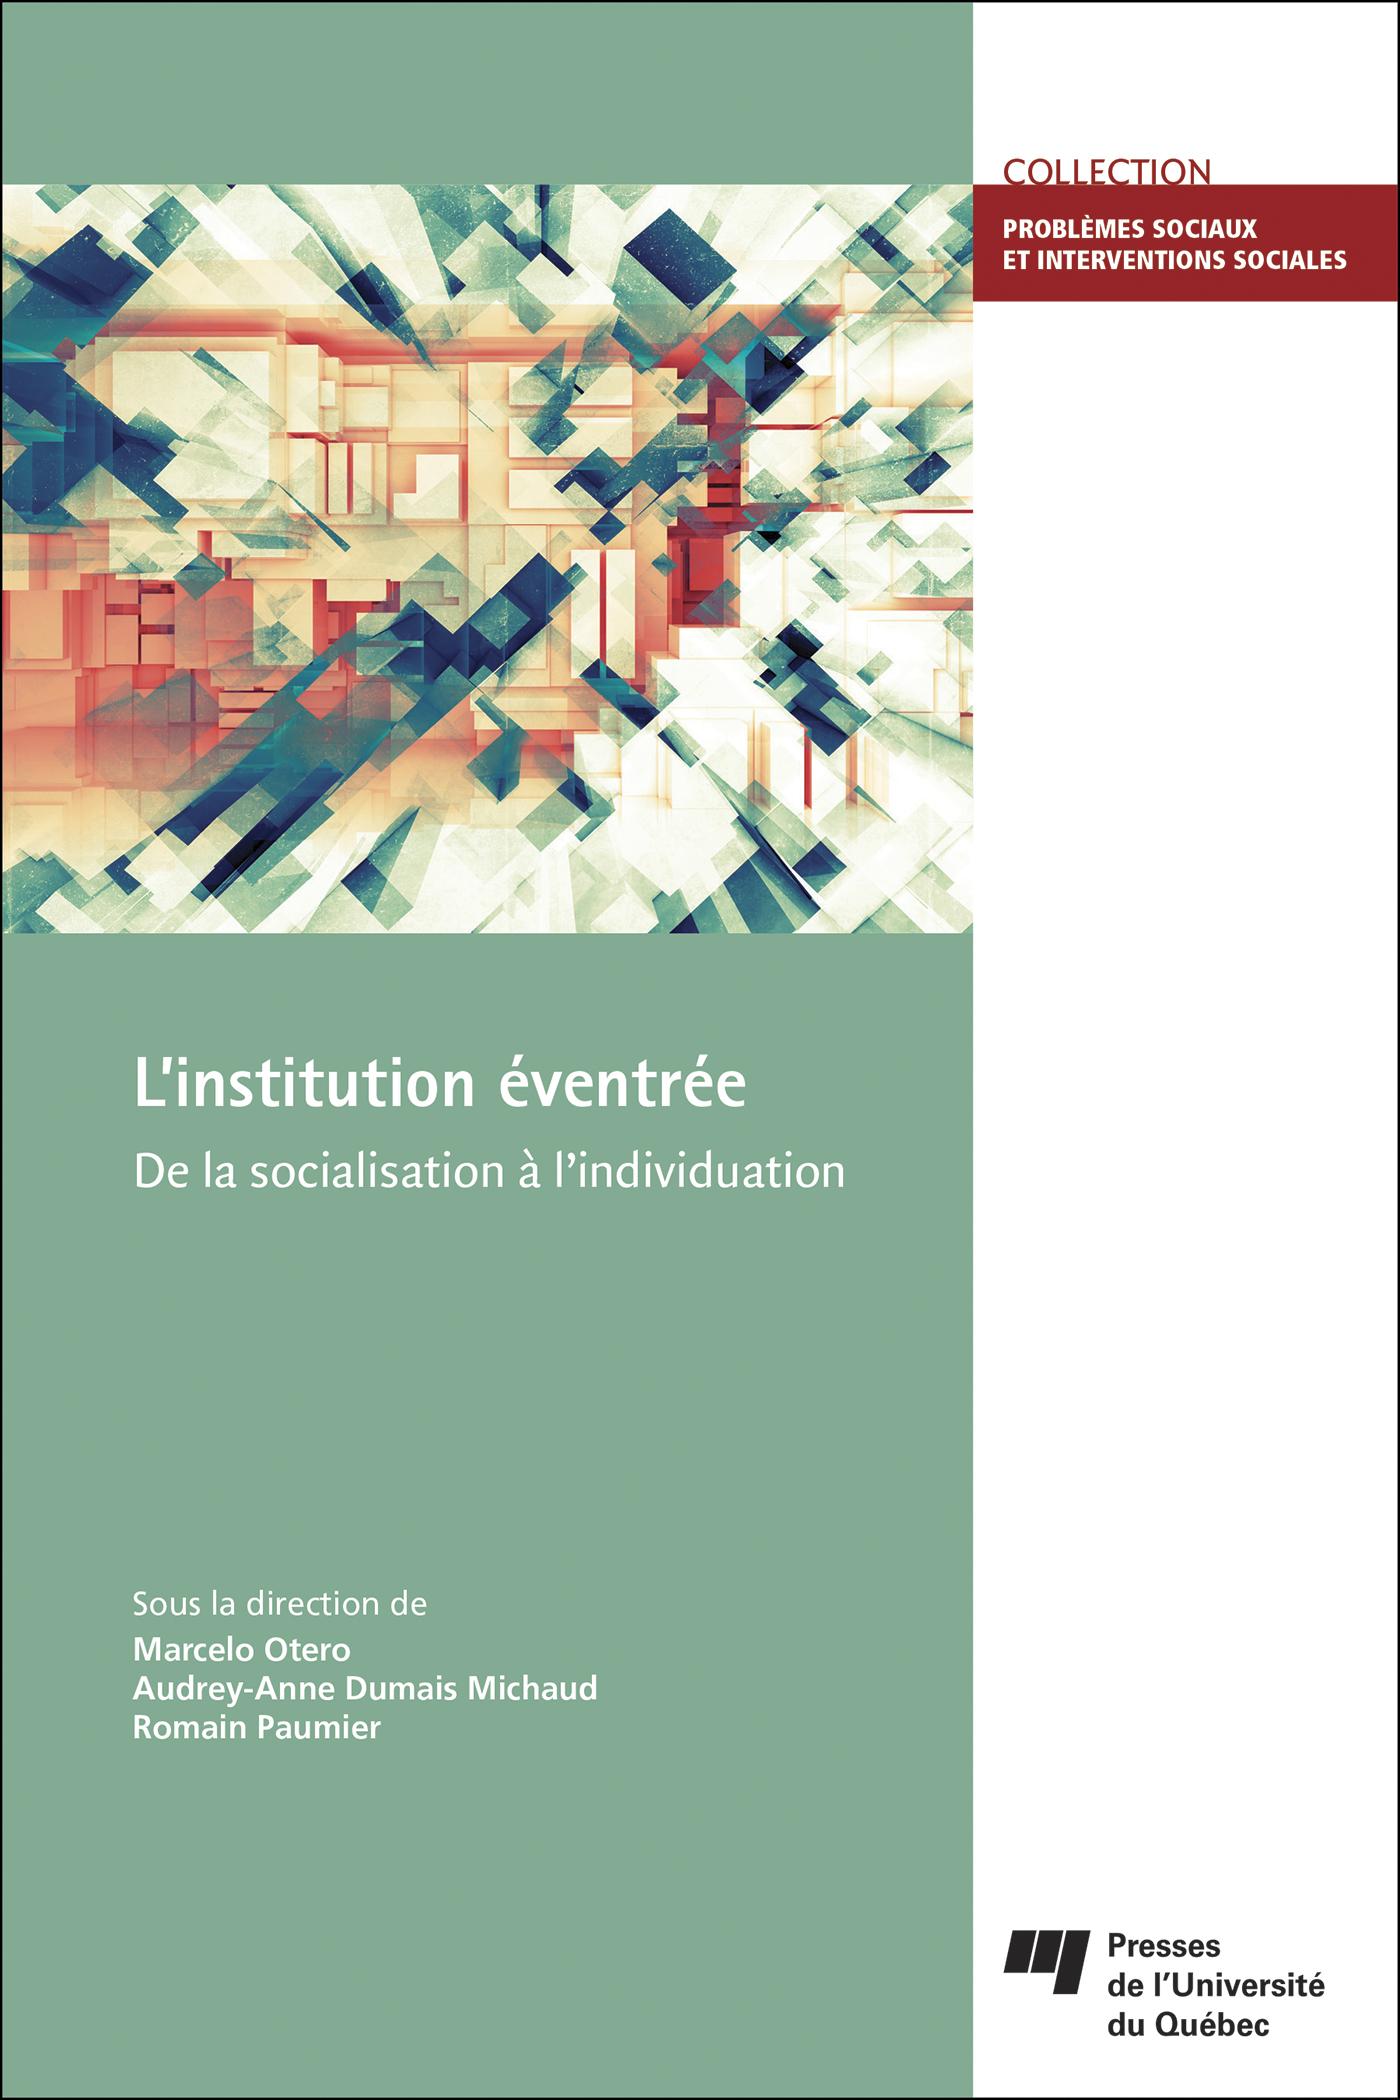 INSTITUTION EVENTREE (L)